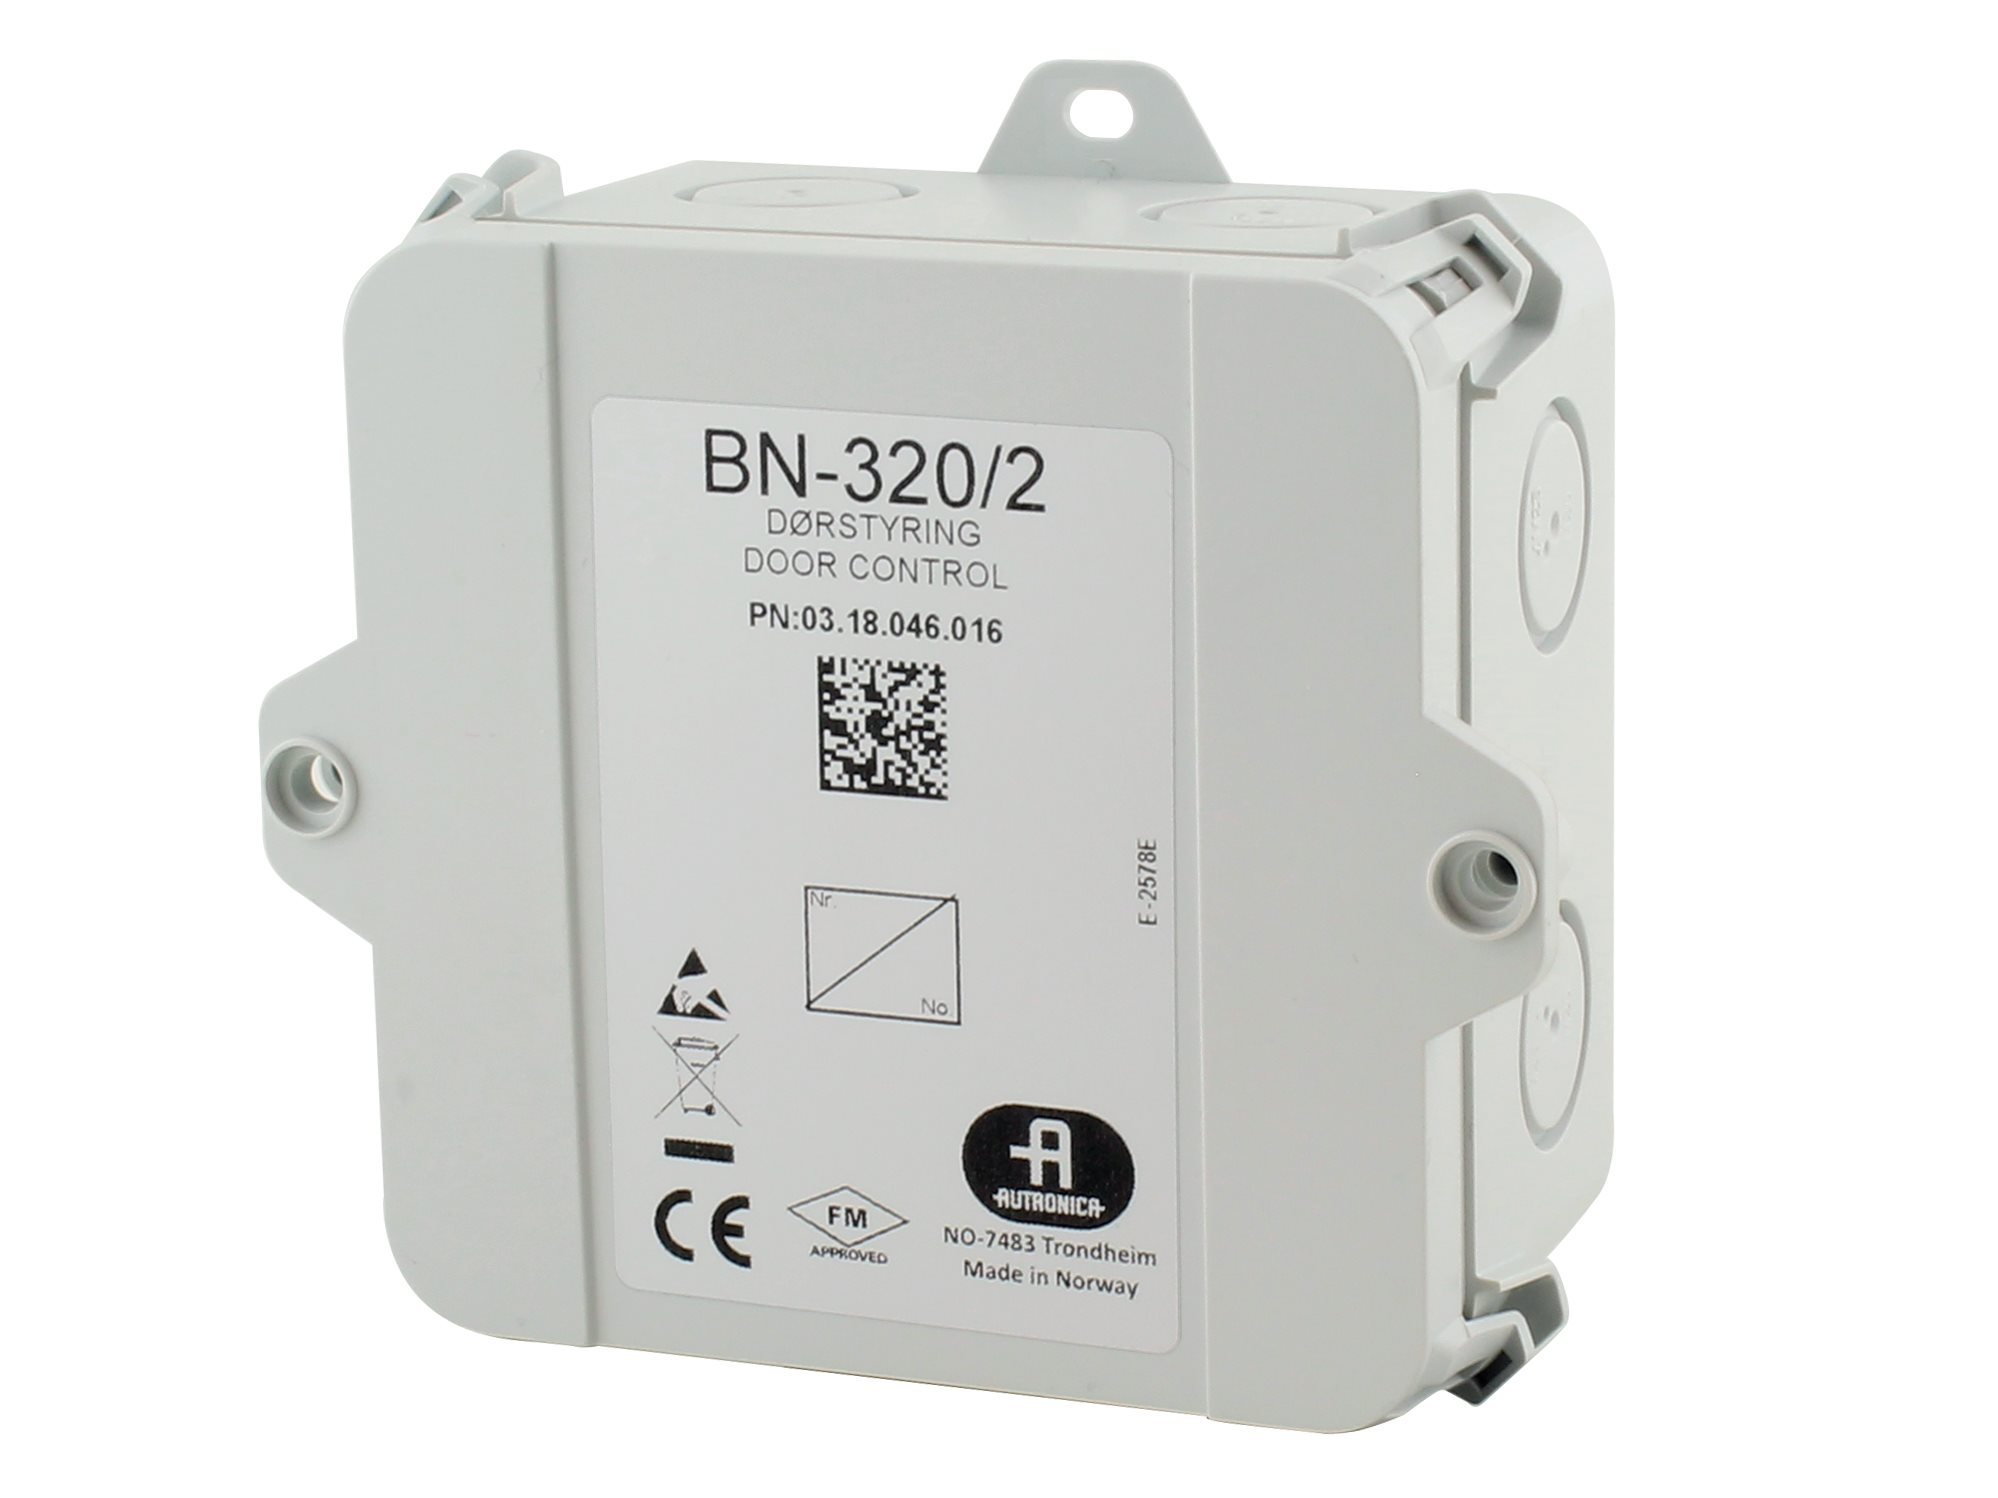 Deurbesturing BN-320/2